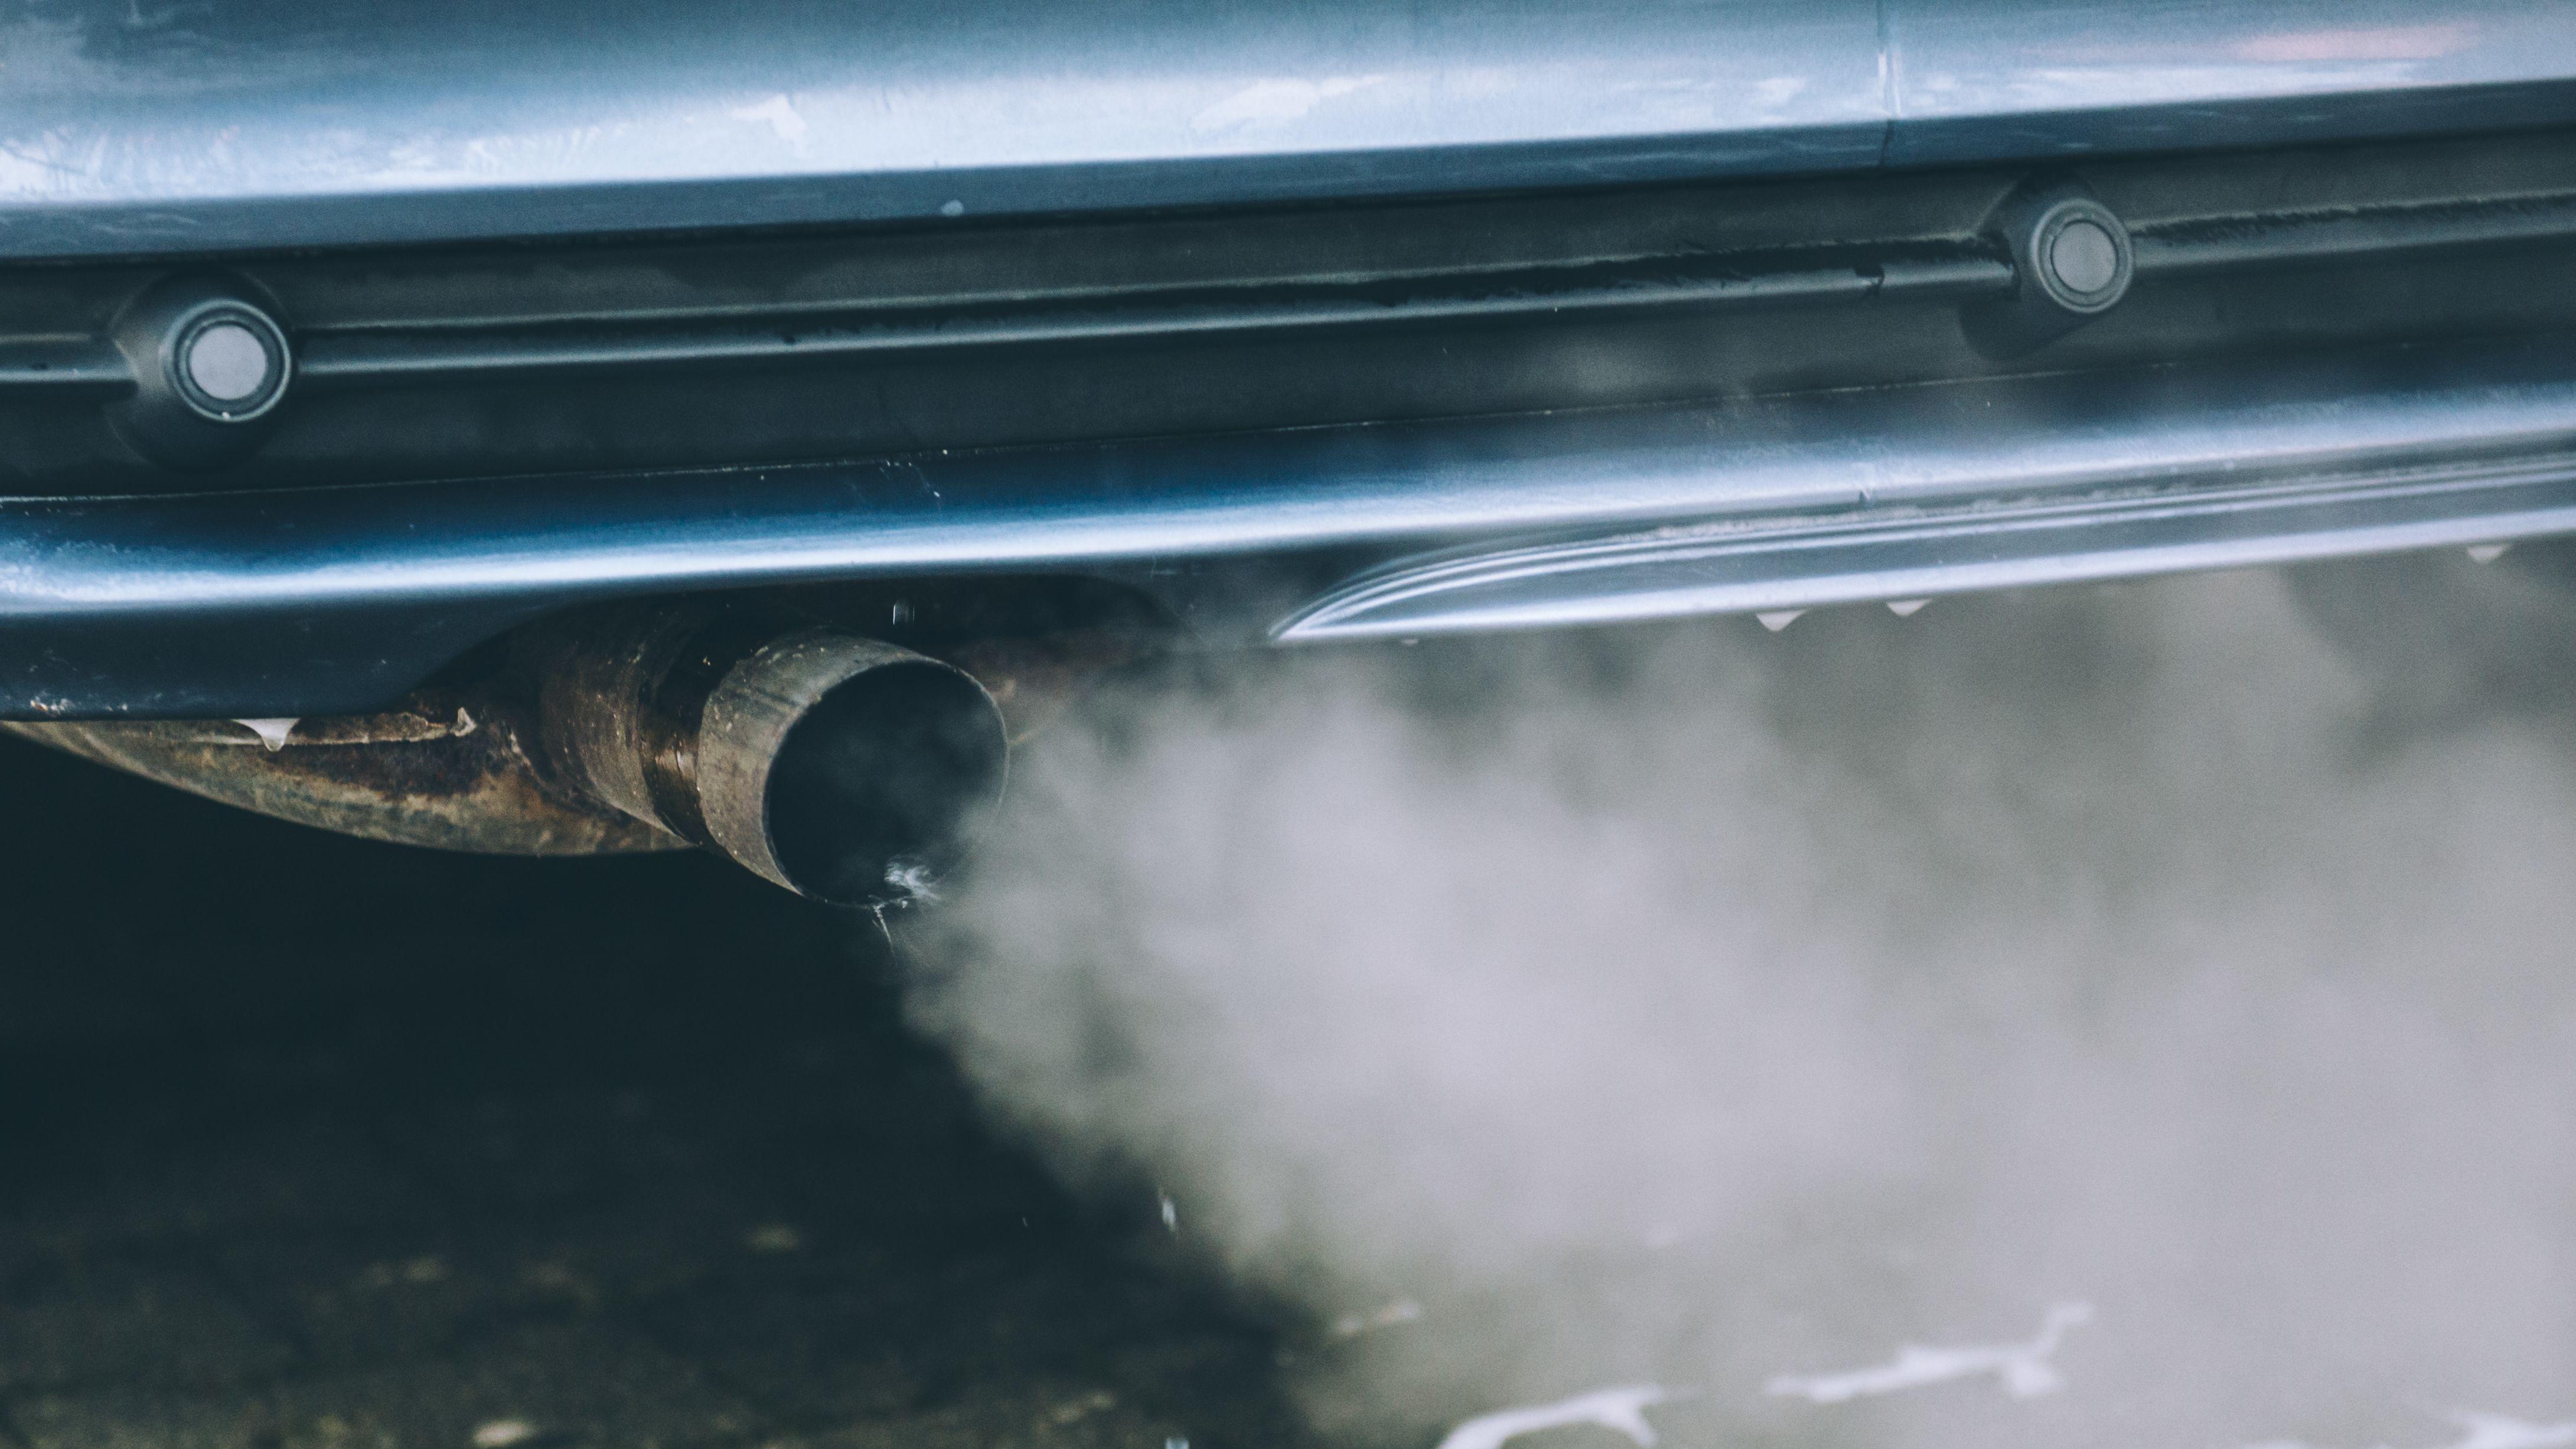 Abgase kommen aus dem Auspuff eines Autos